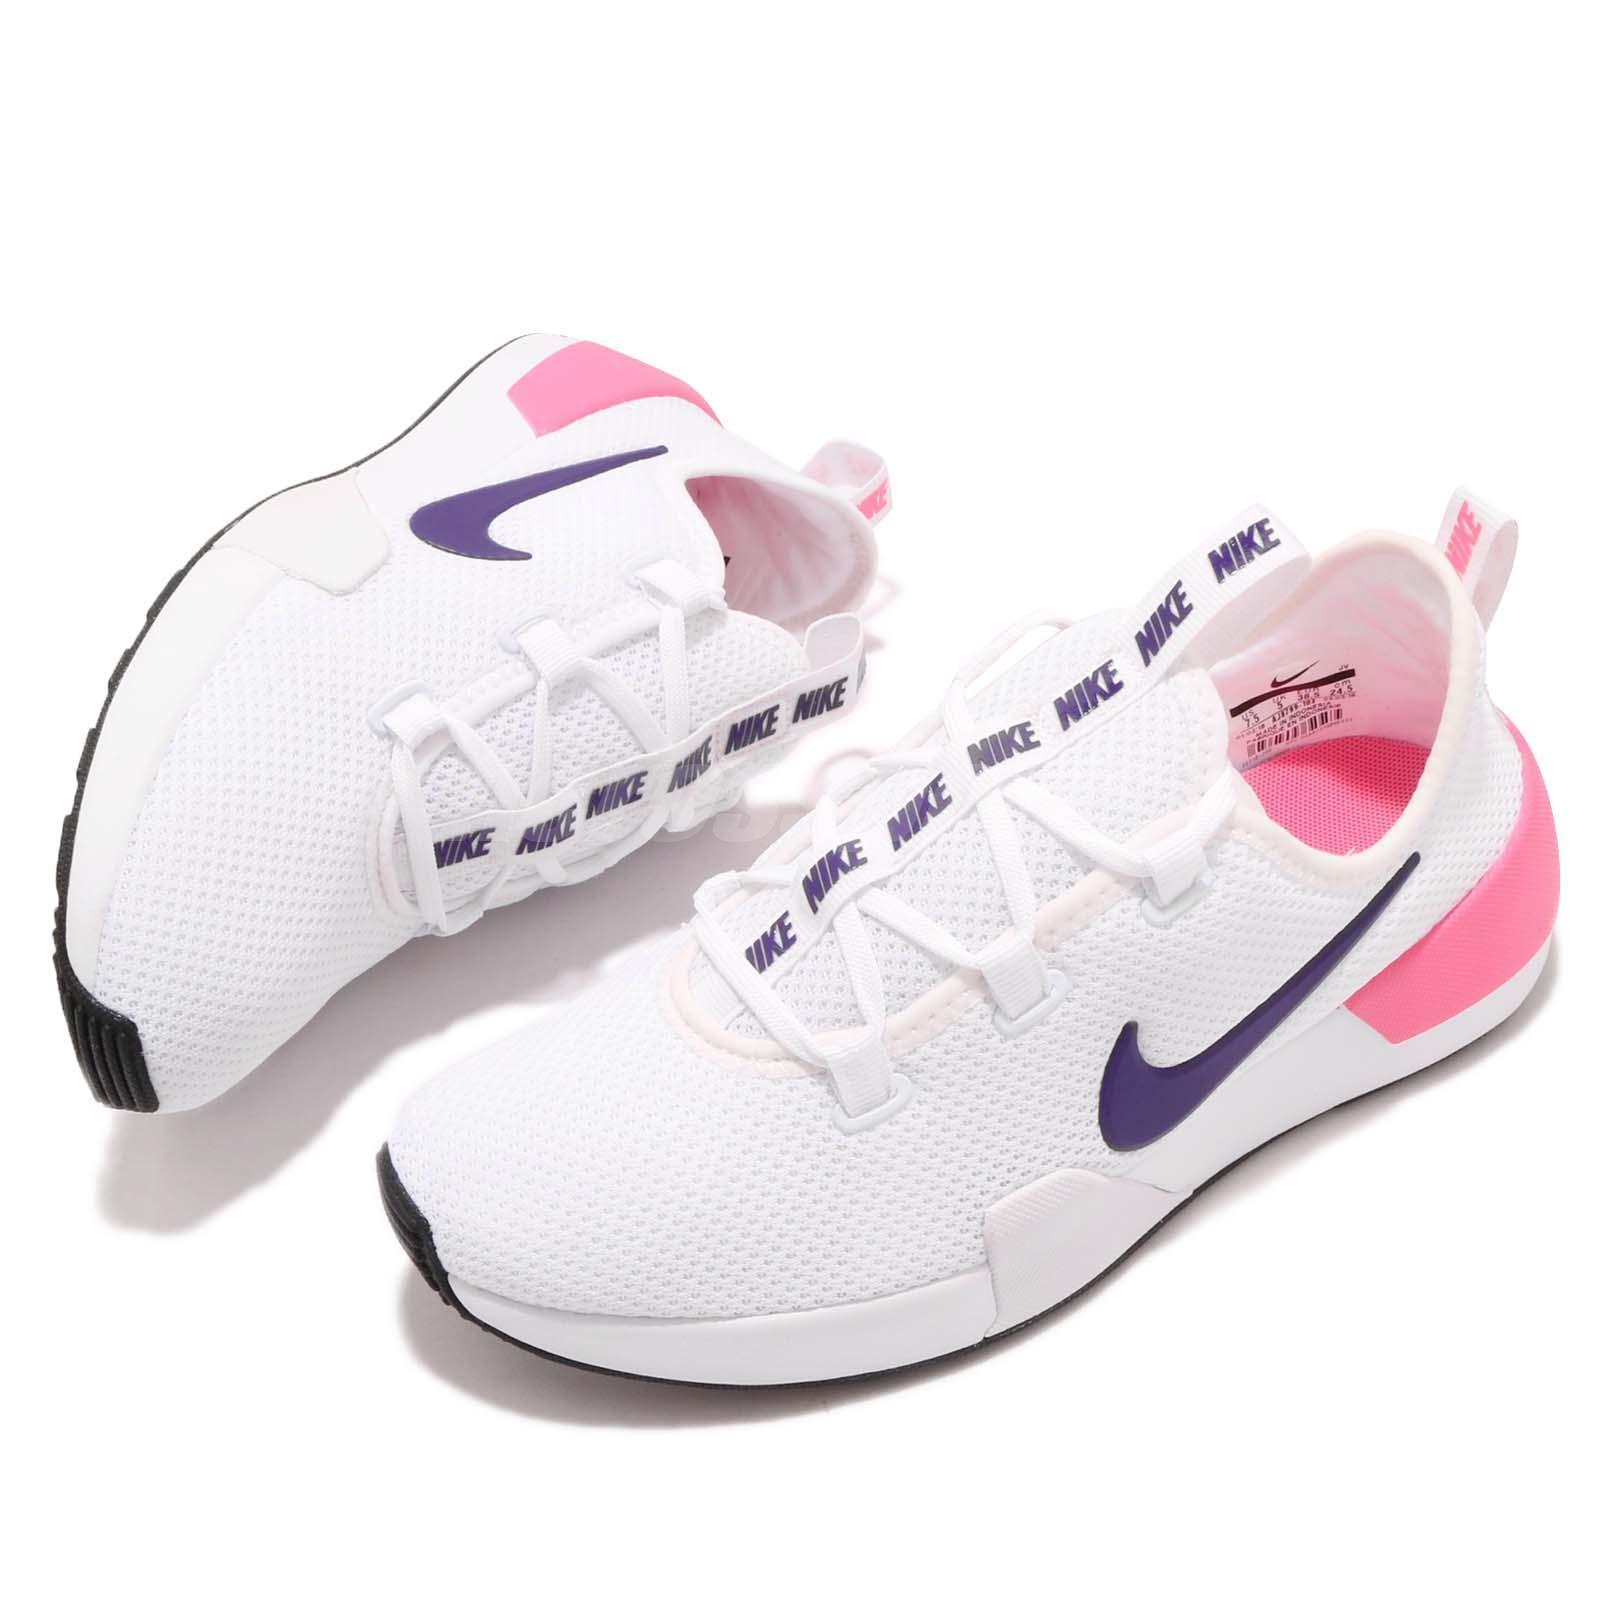 6dd568f15e2e Details about Nike Wmns Ashin Modern White Purple Pink Women Casual Shoes  Sneakers AJ8799-103